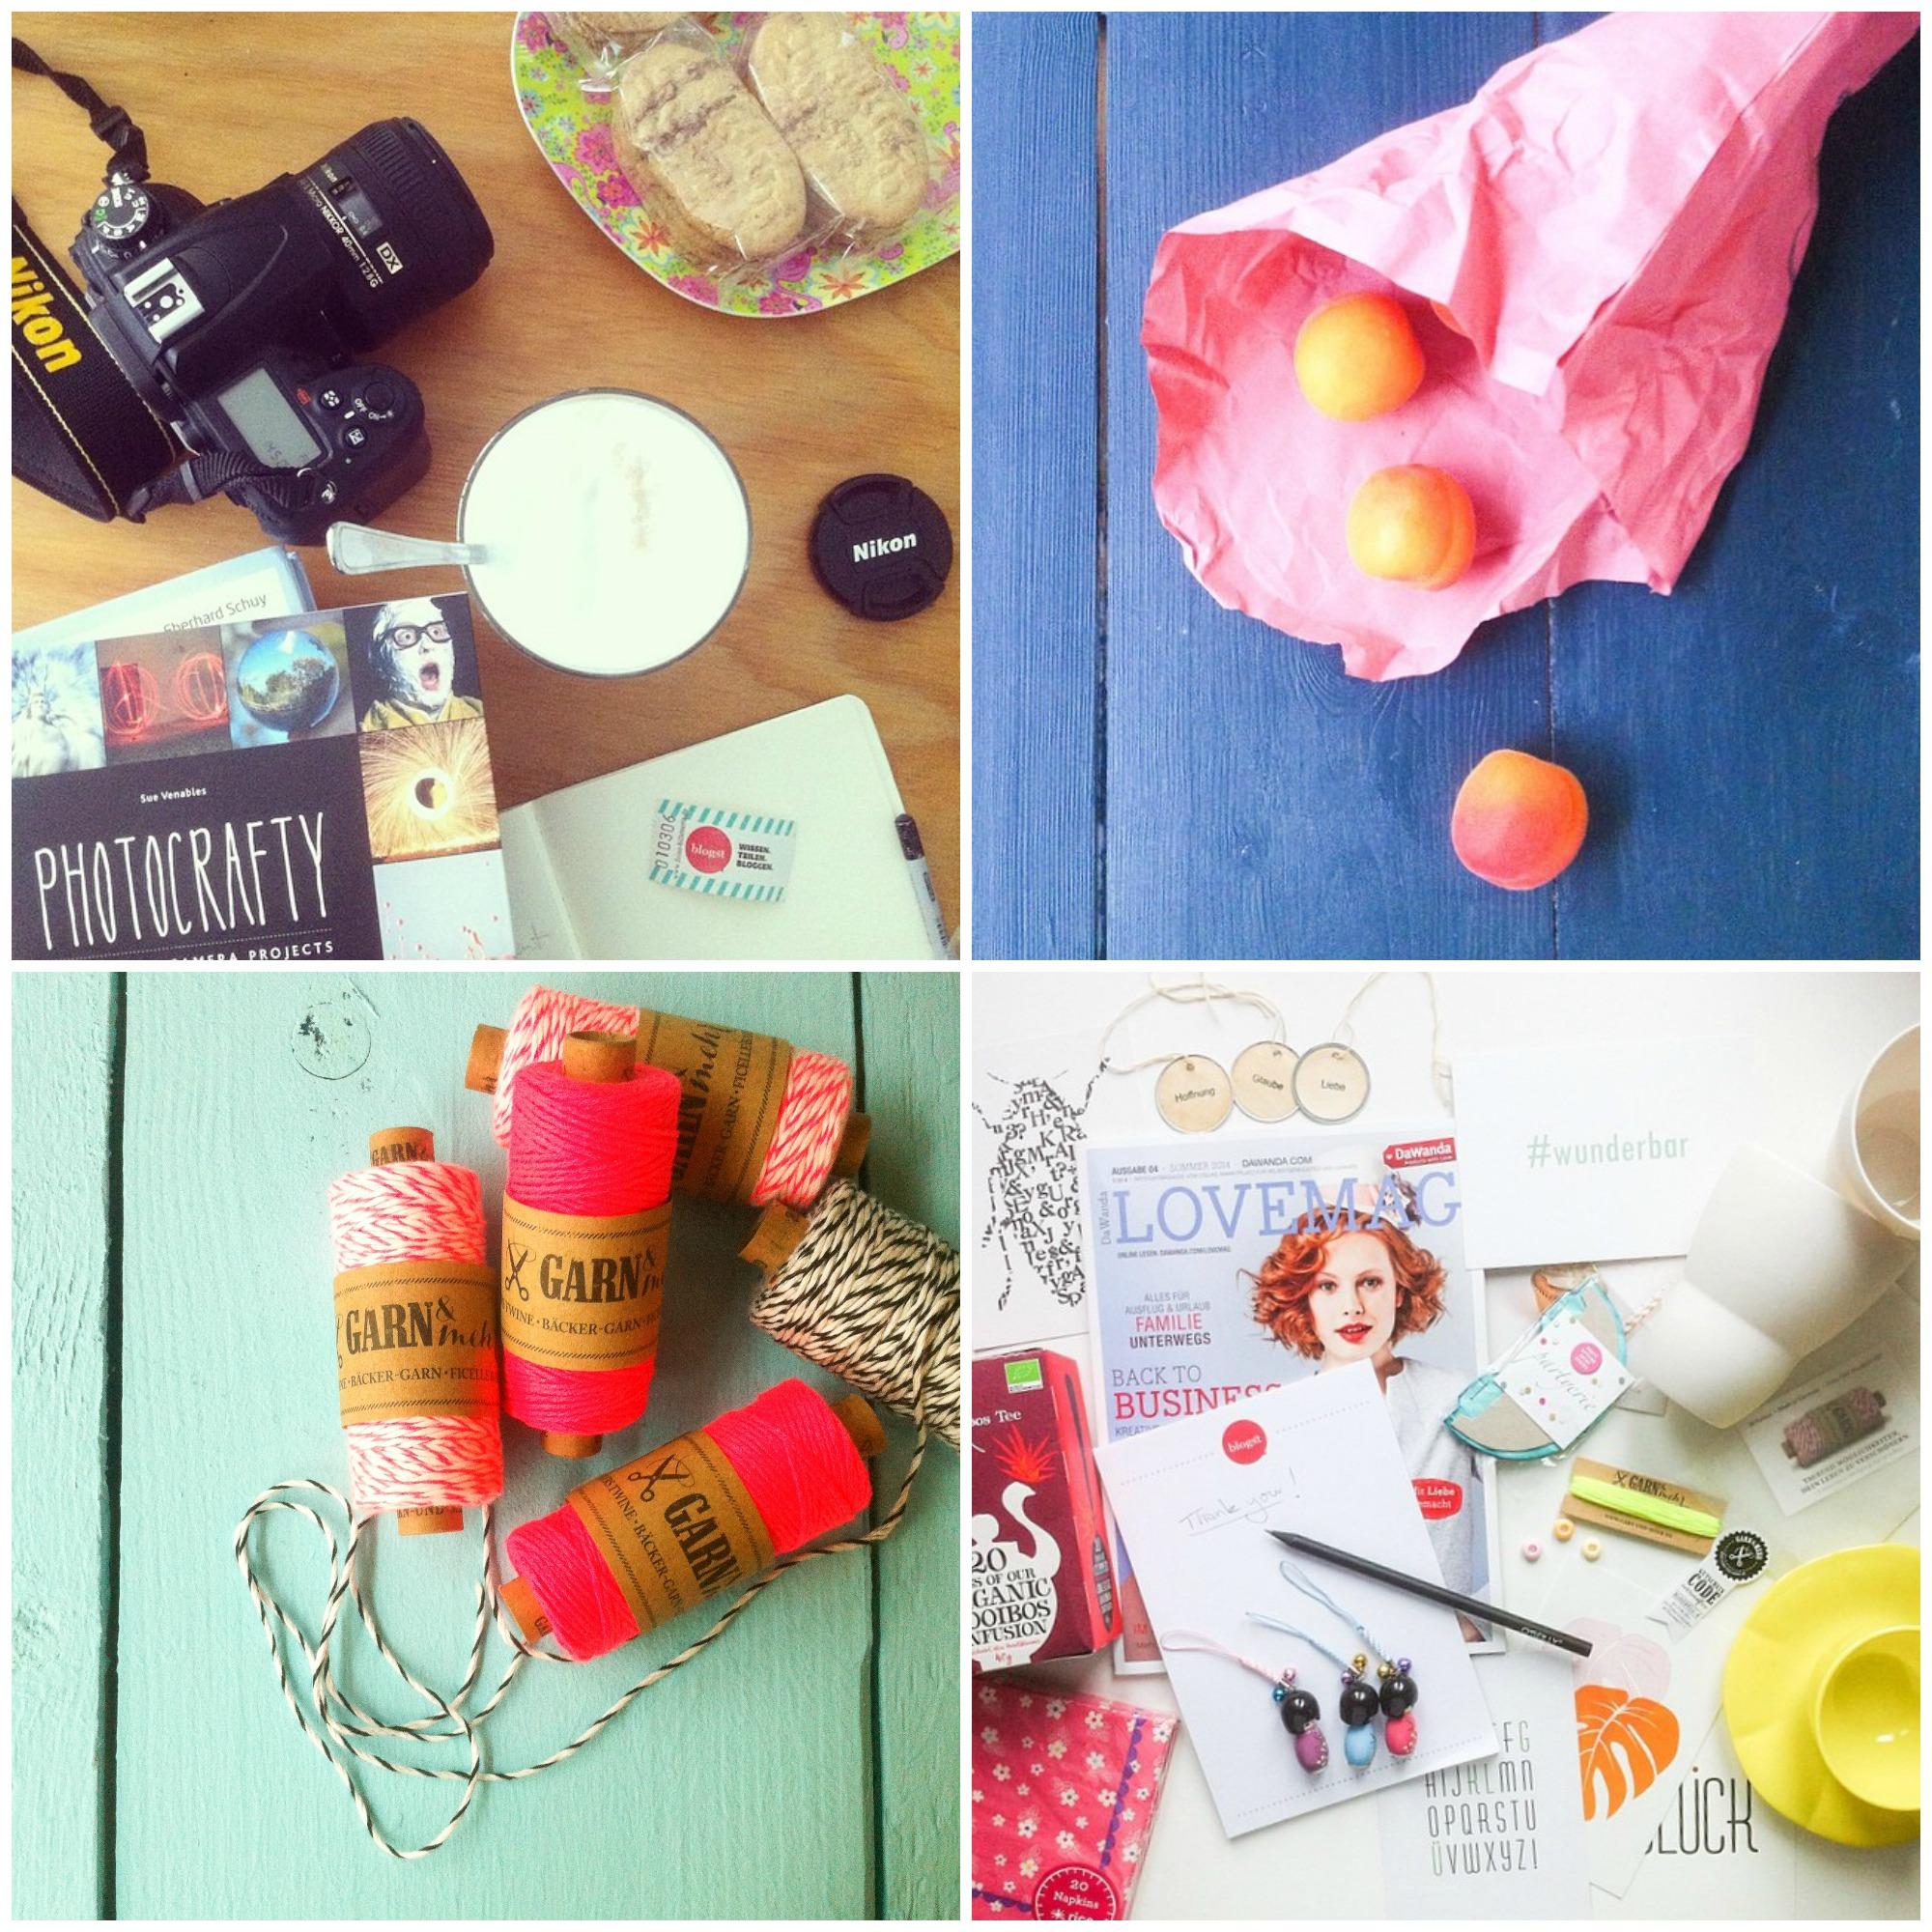 Instagram Impressionen vom Blogst Styling und Fotografie Workshop Hamburg von @pinkepanki